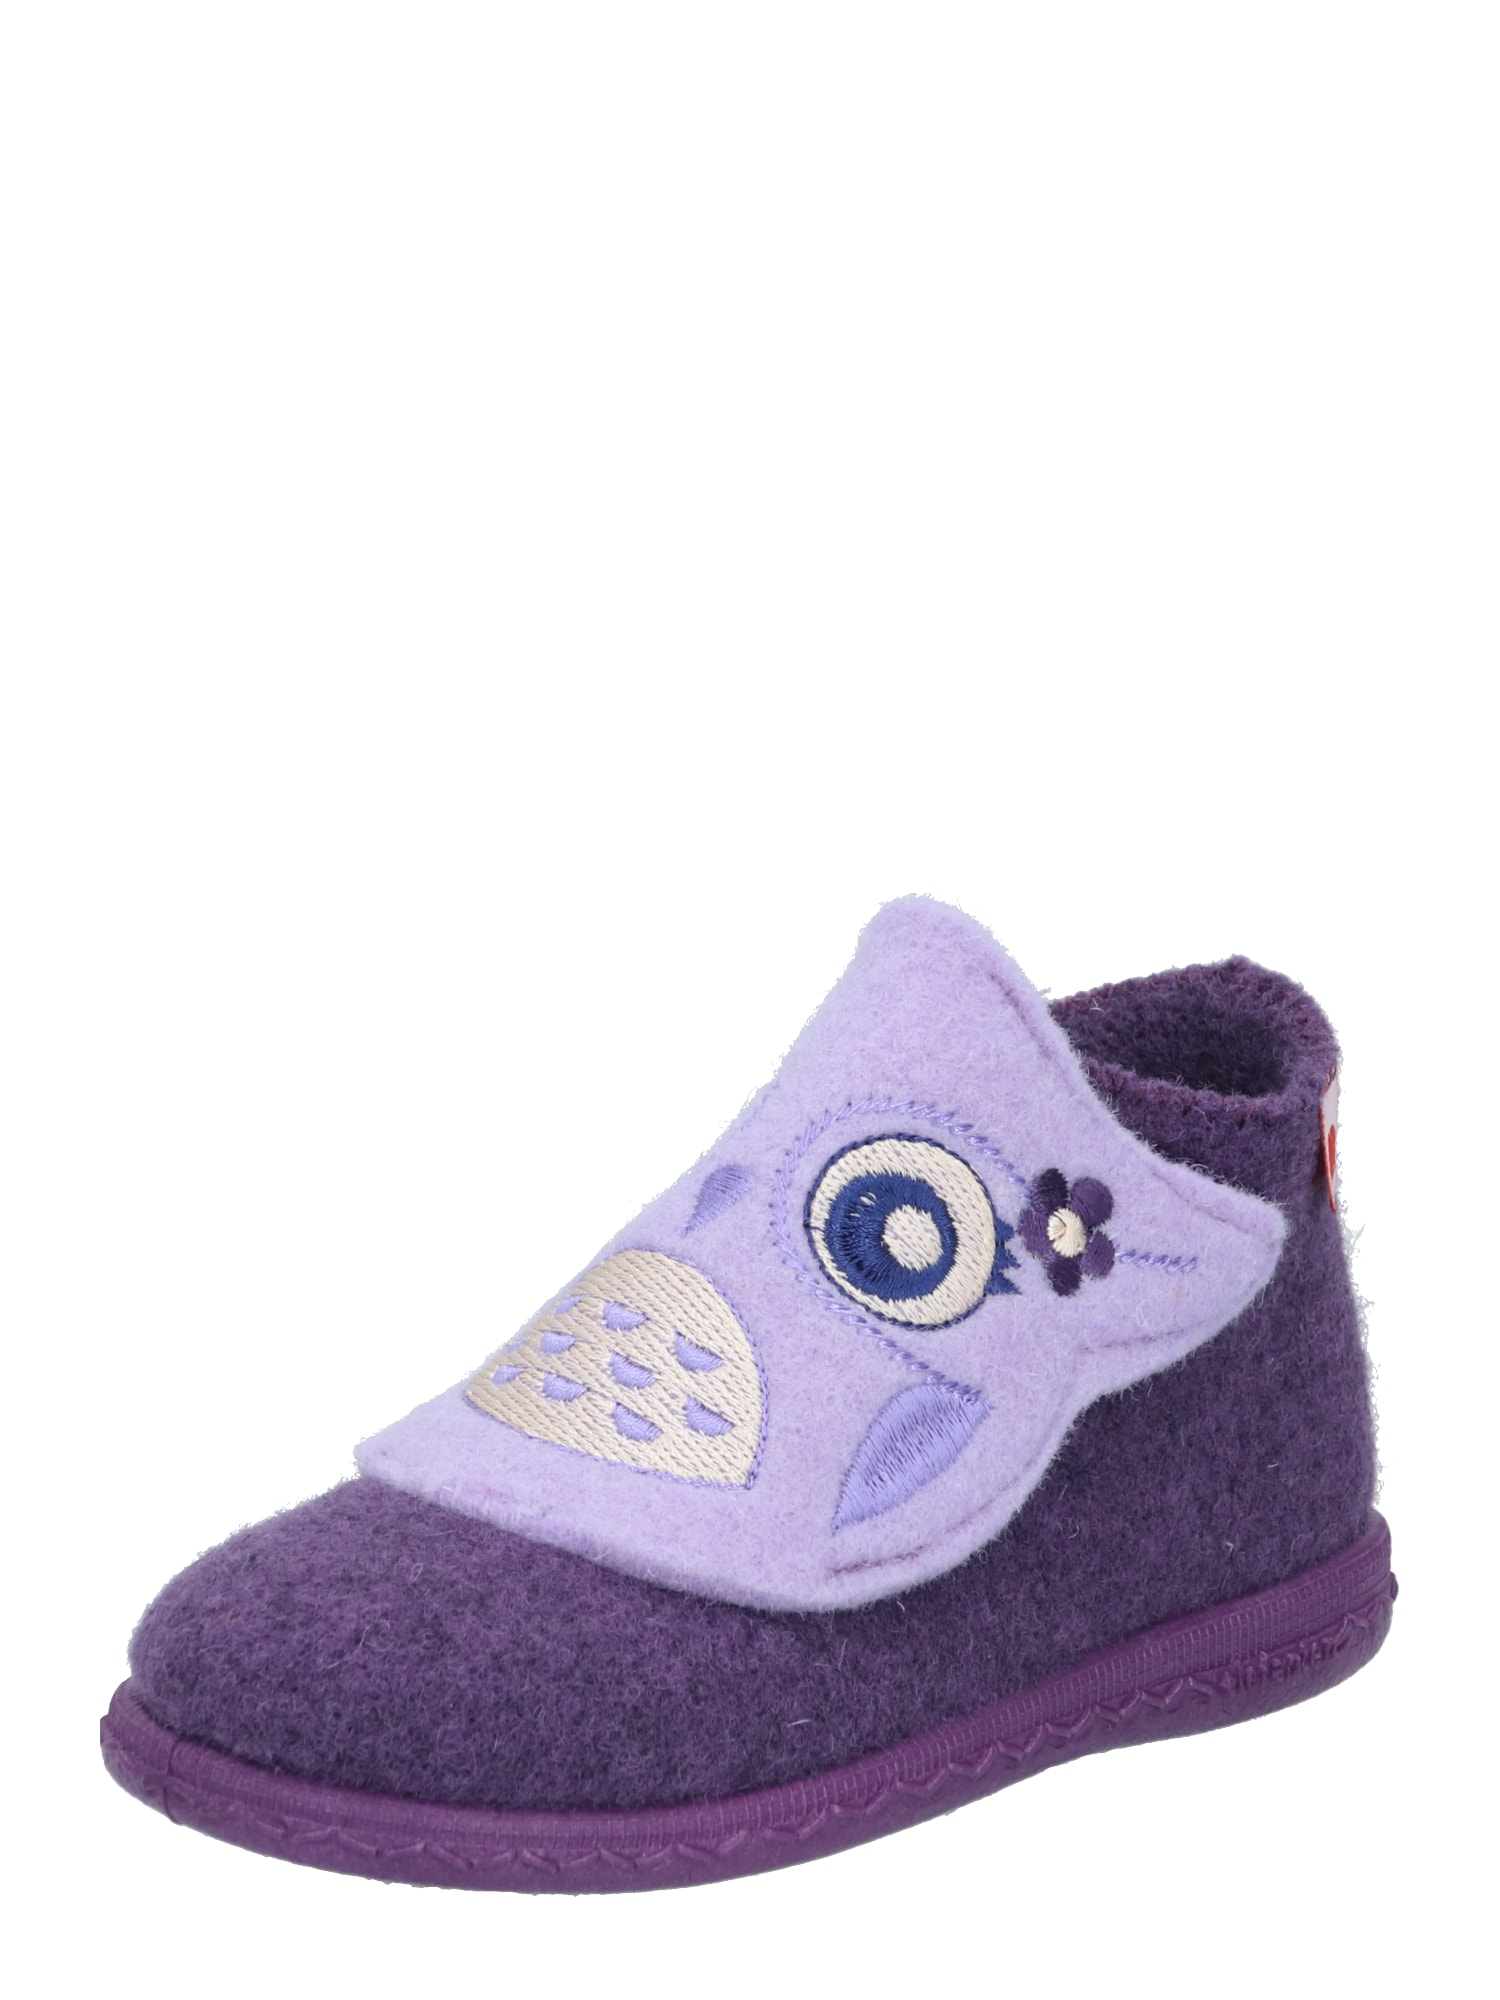 ELEFANTEN Naminės šlepetės 'Pippa' uogų spalva / rausvai violetinė spalva / tamsiai mėlyna / perlų balta